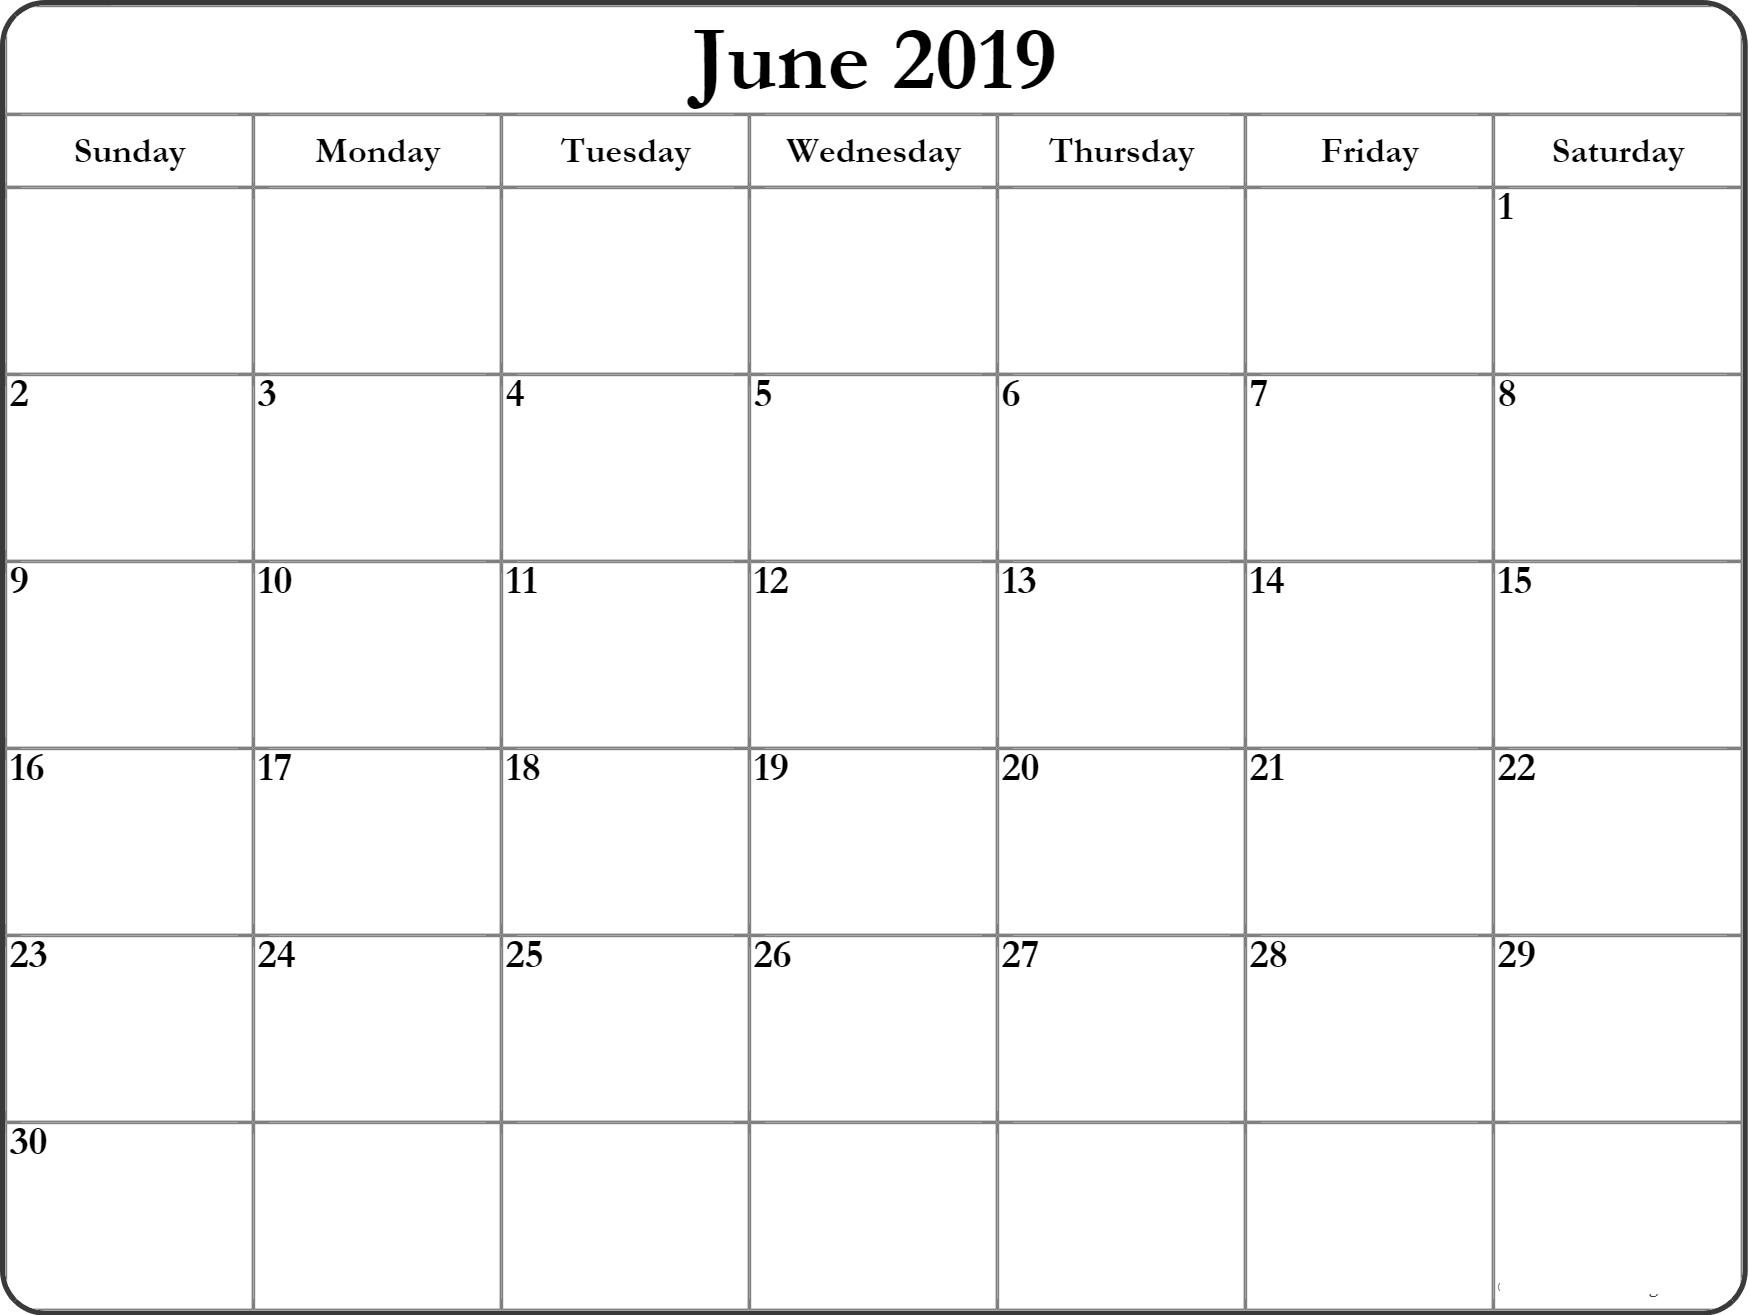 Free June 2019 Calendar Printable